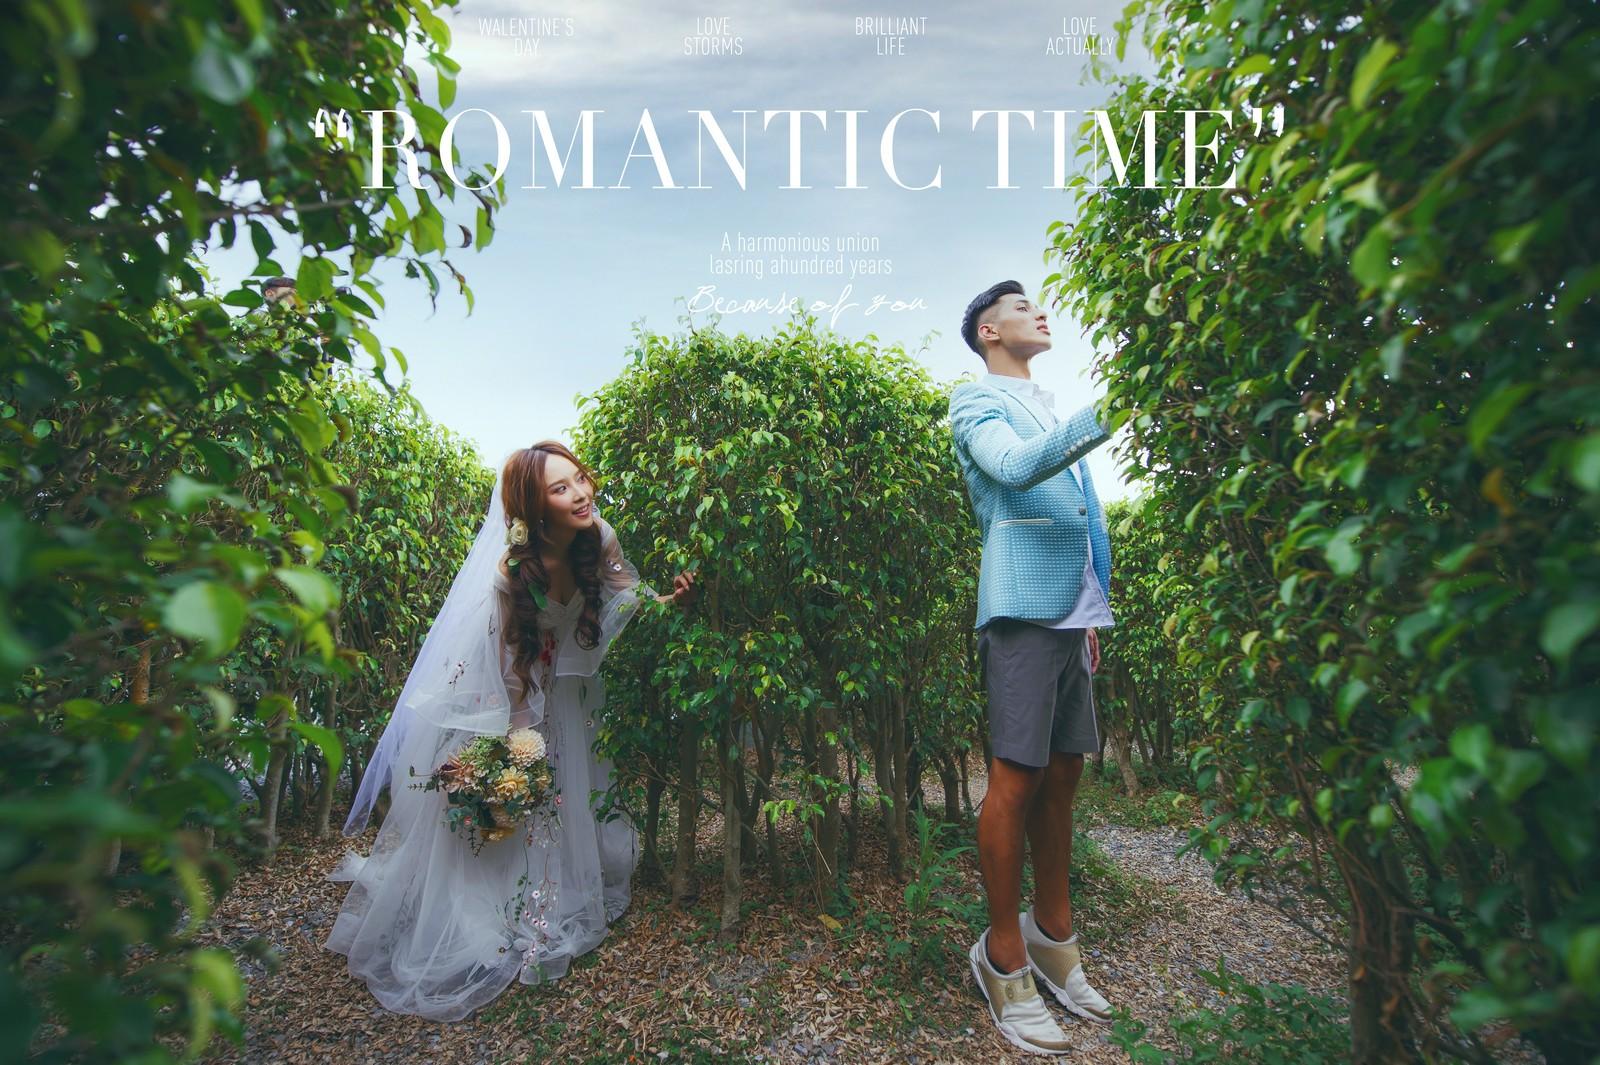 婚紗攝影,婚紗照風格,婚紗照姿勢,婚紗攝影工作室,夢幻童趣